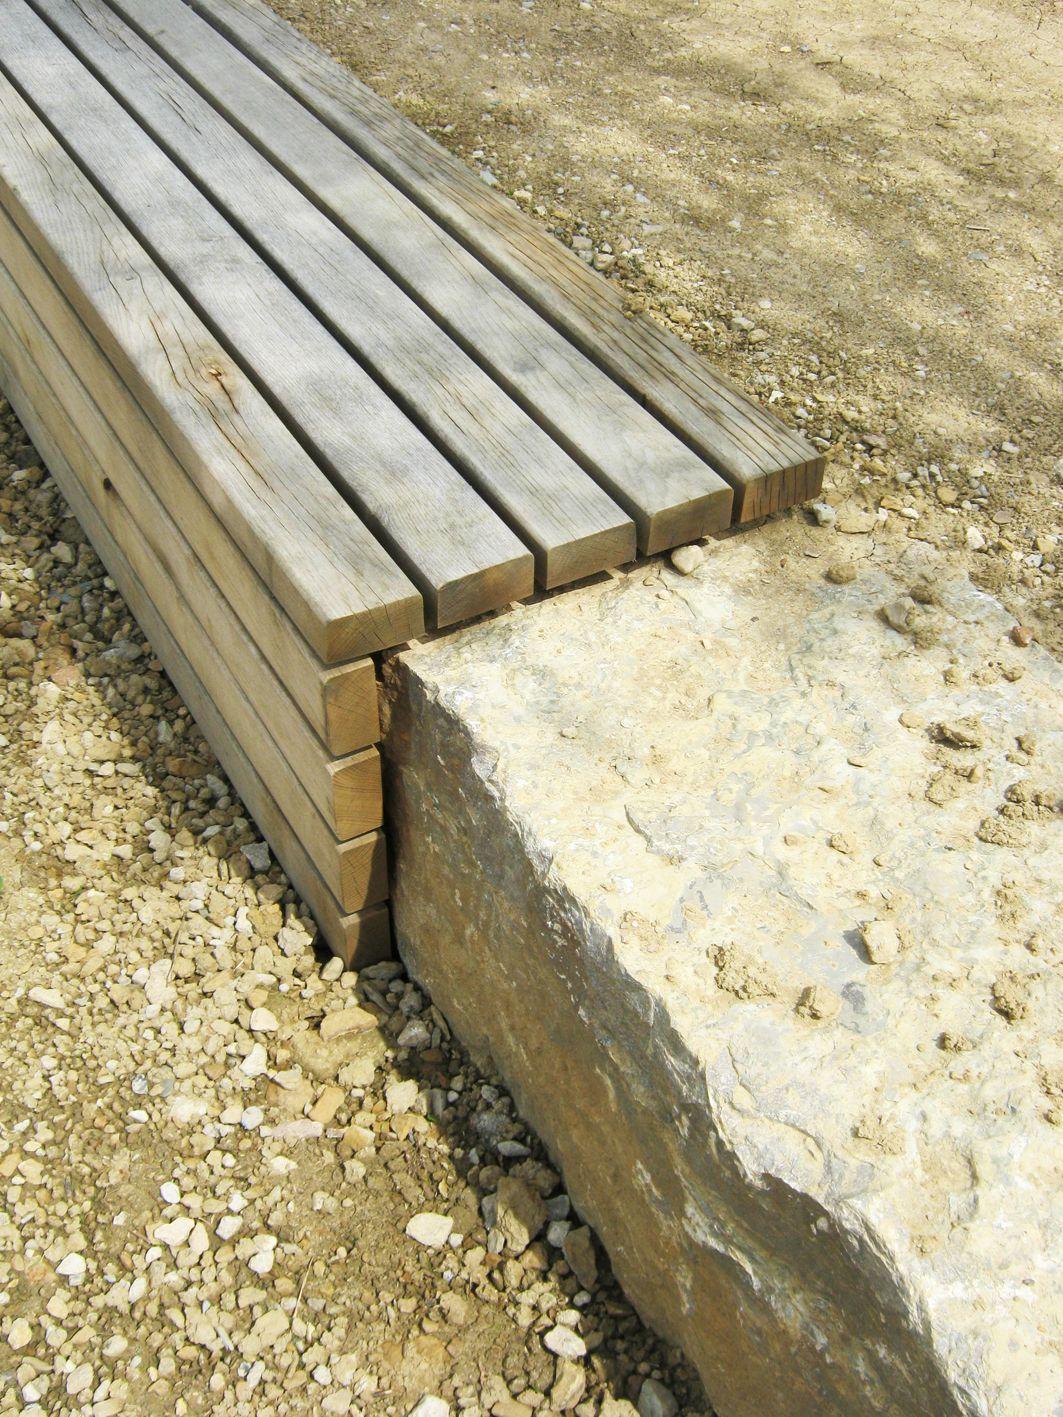 realisation d 39 un muret en pierre et banc en bois dans un parc public vereal. Black Bedroom Furniture Sets. Home Design Ideas